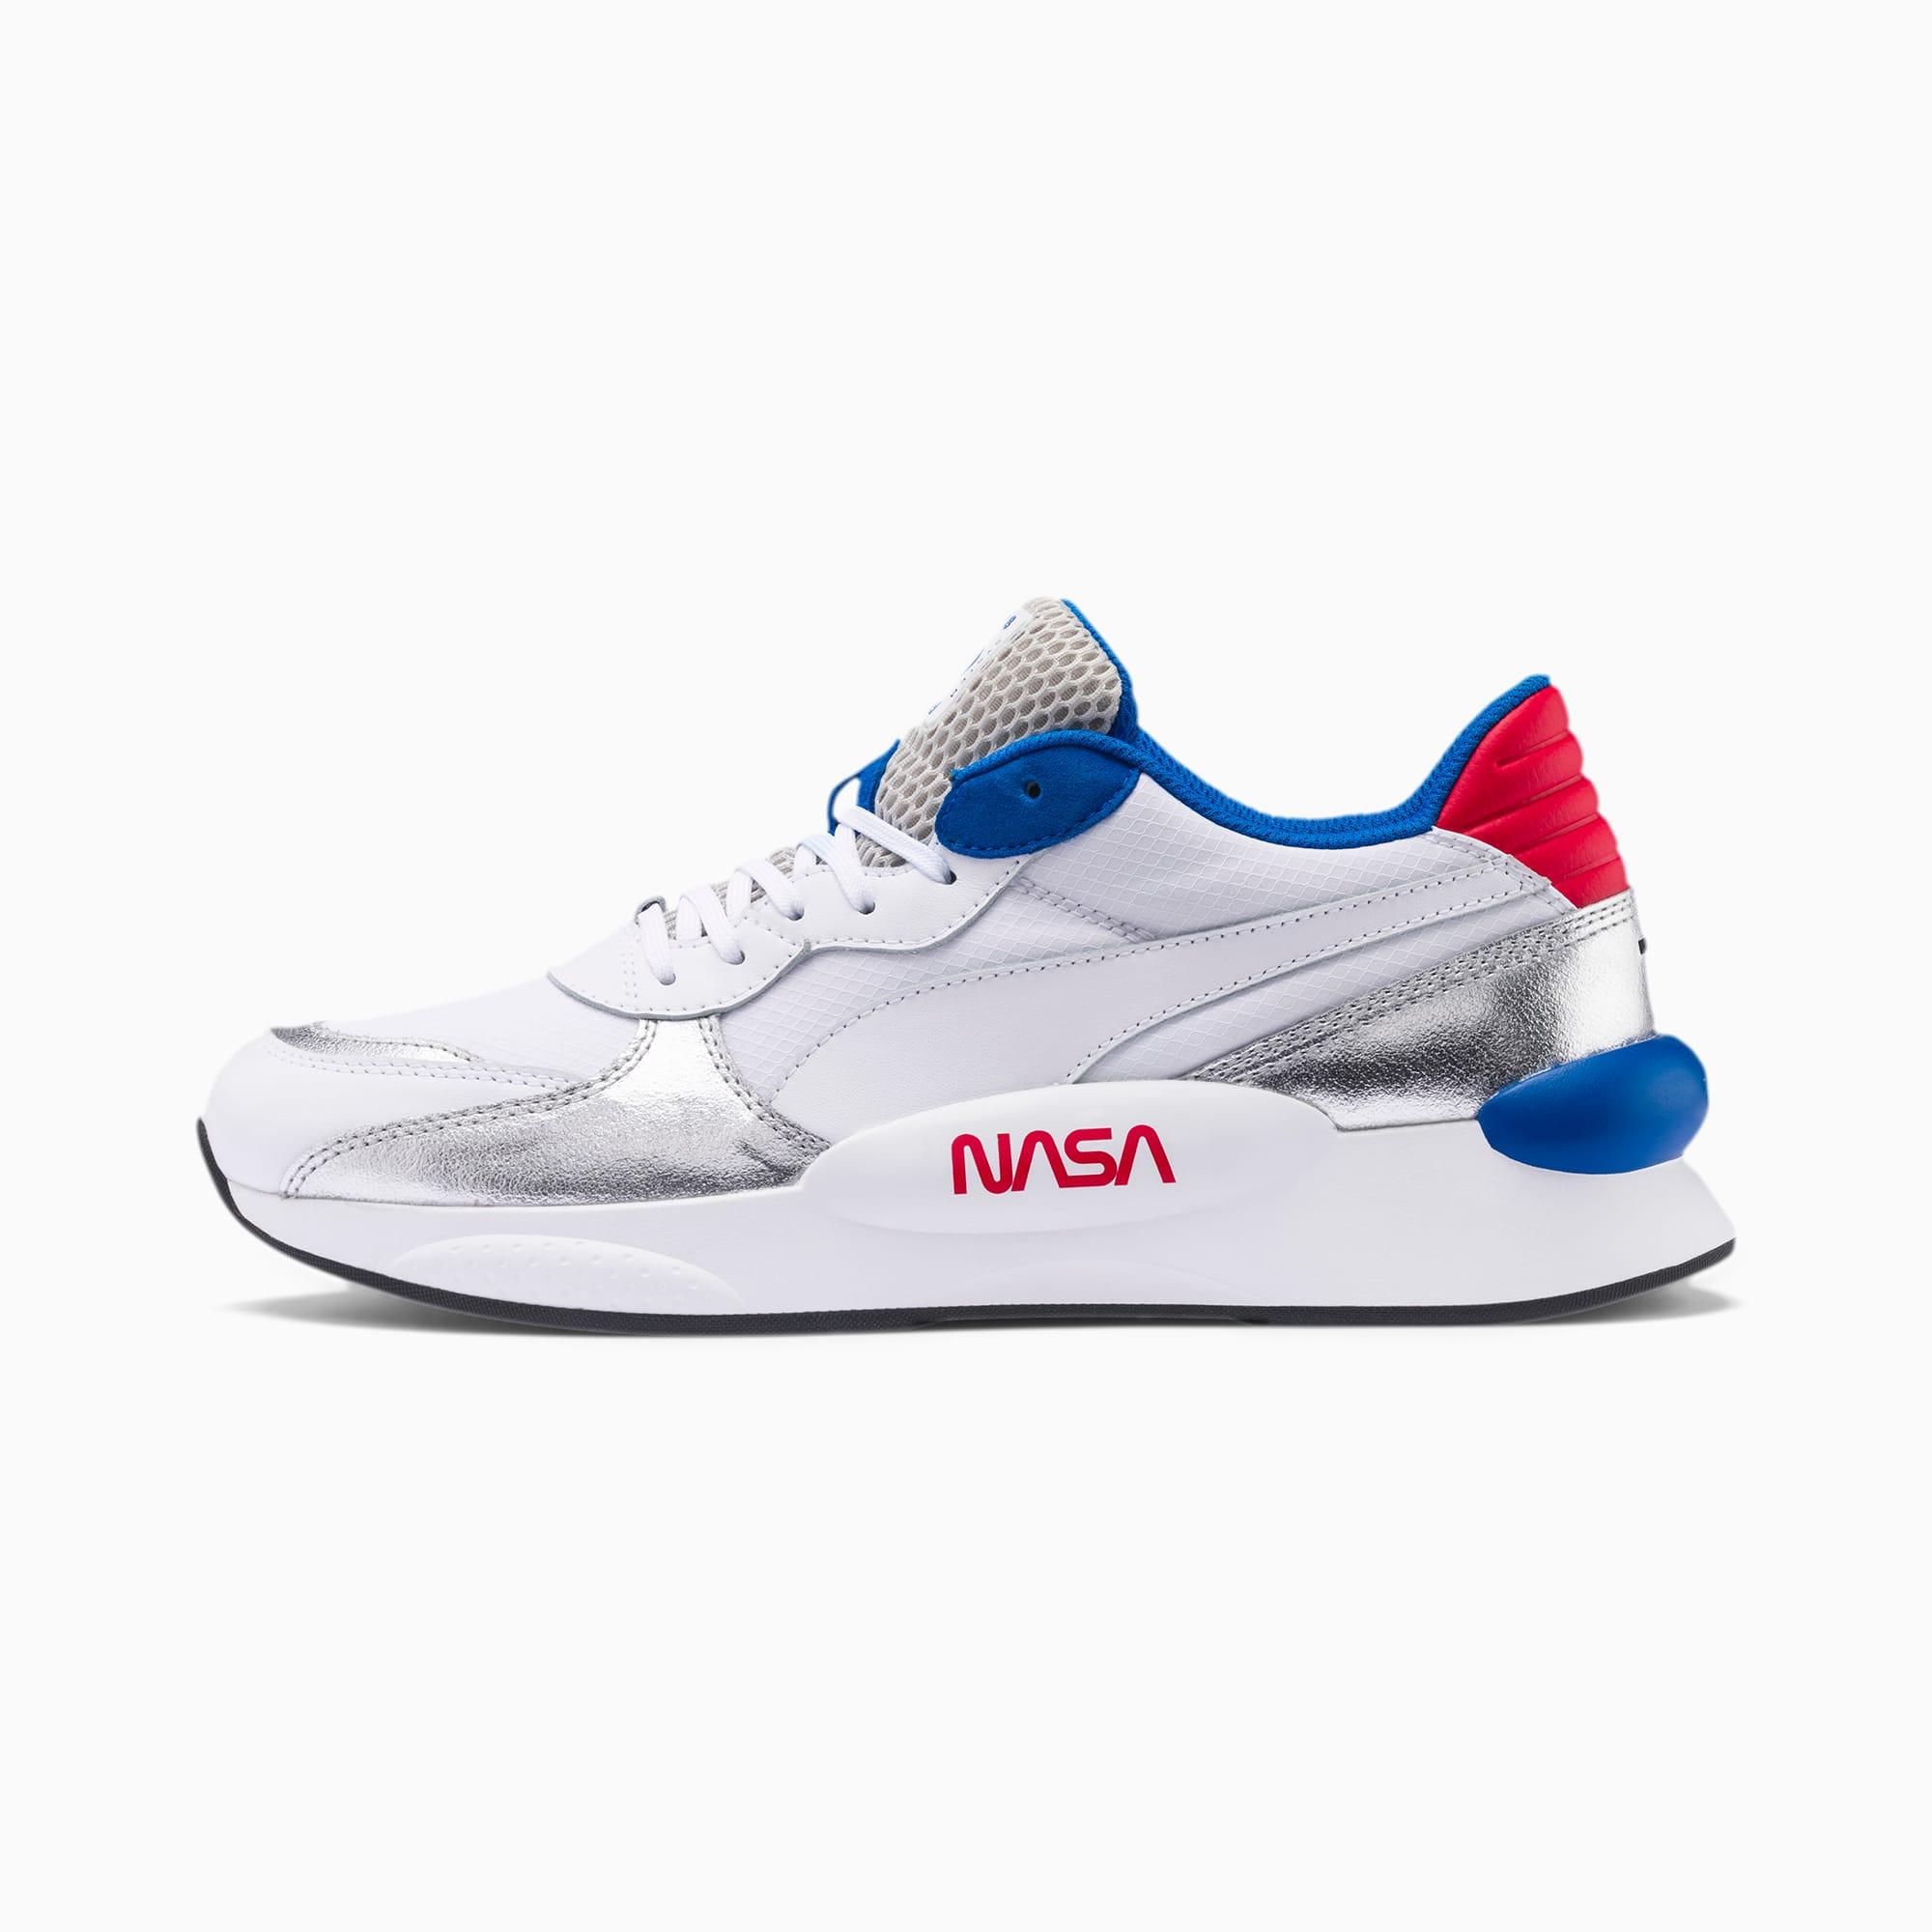 RS 9.8 Space Agency Sneakers